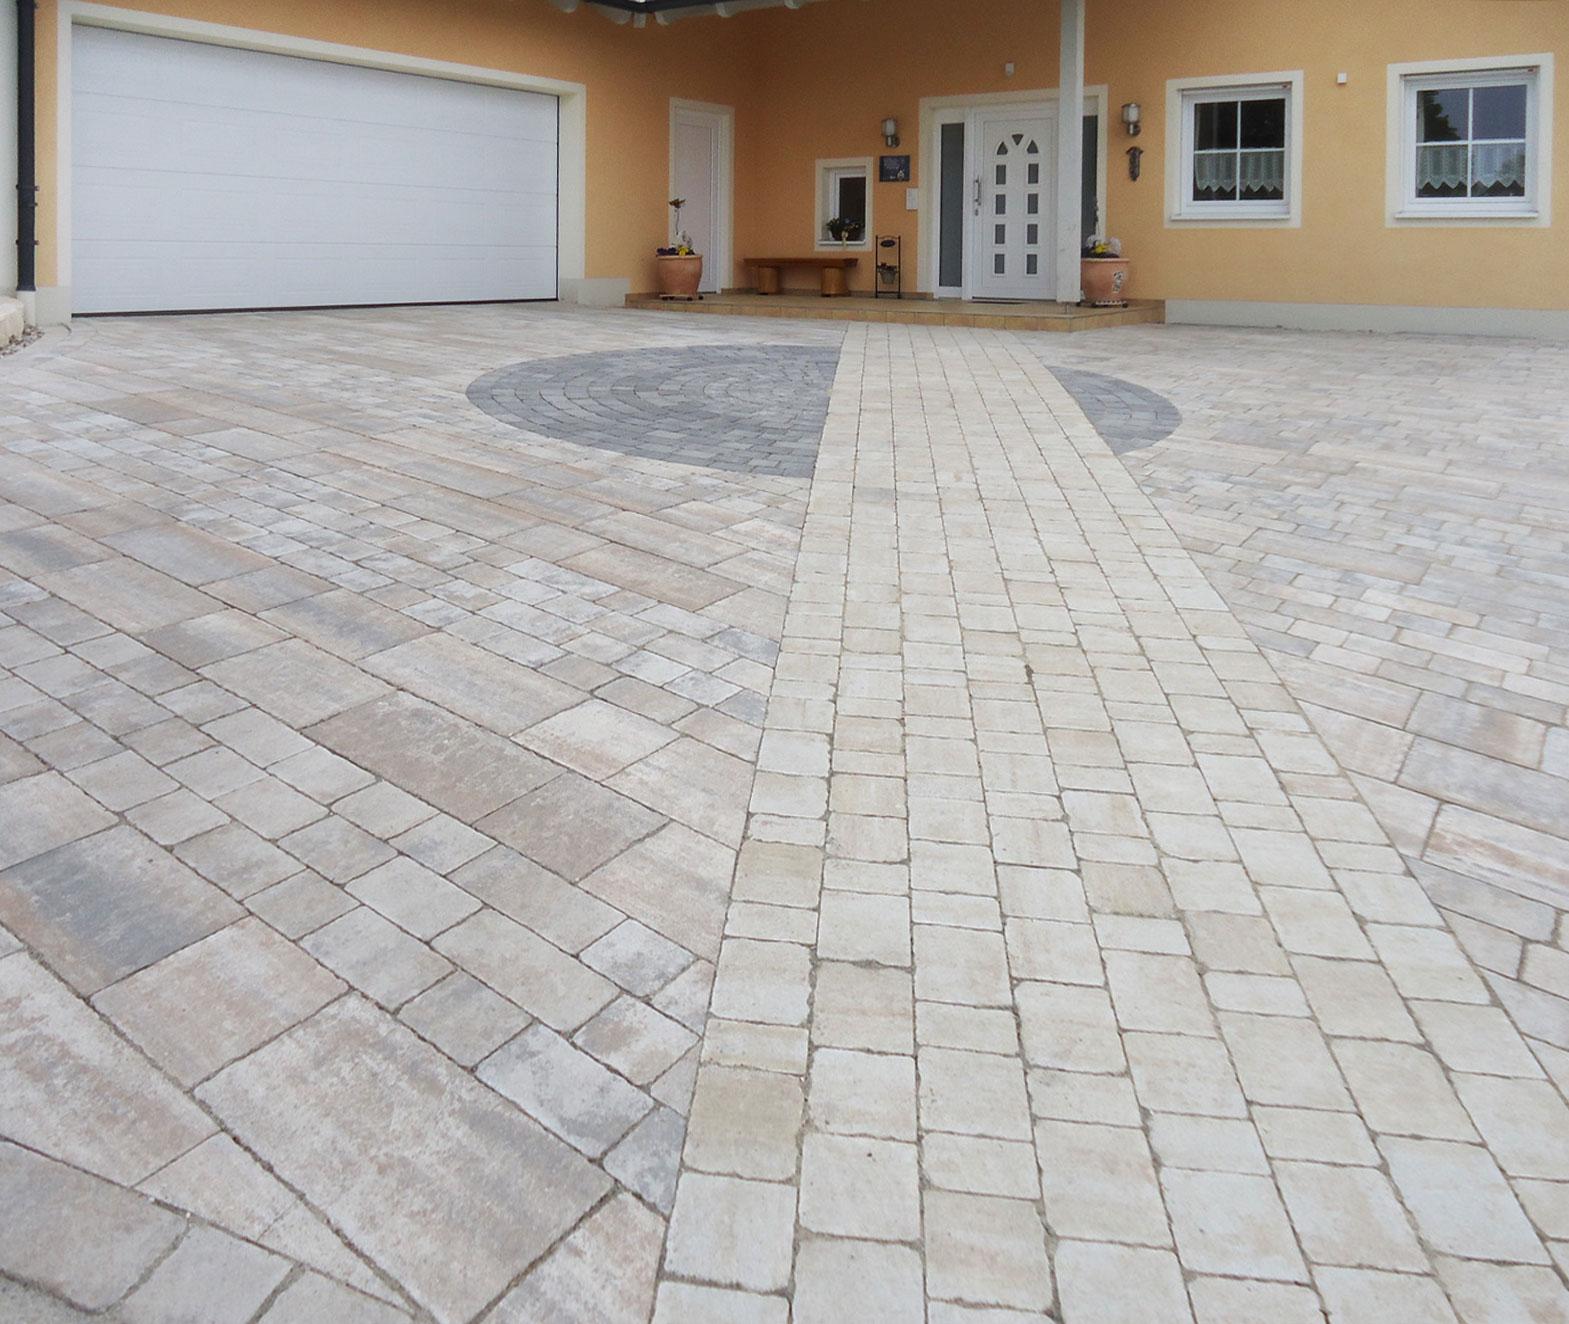 Exclusiver Zufahrtsbereich mit hochwertigen Betonsteinpflaster